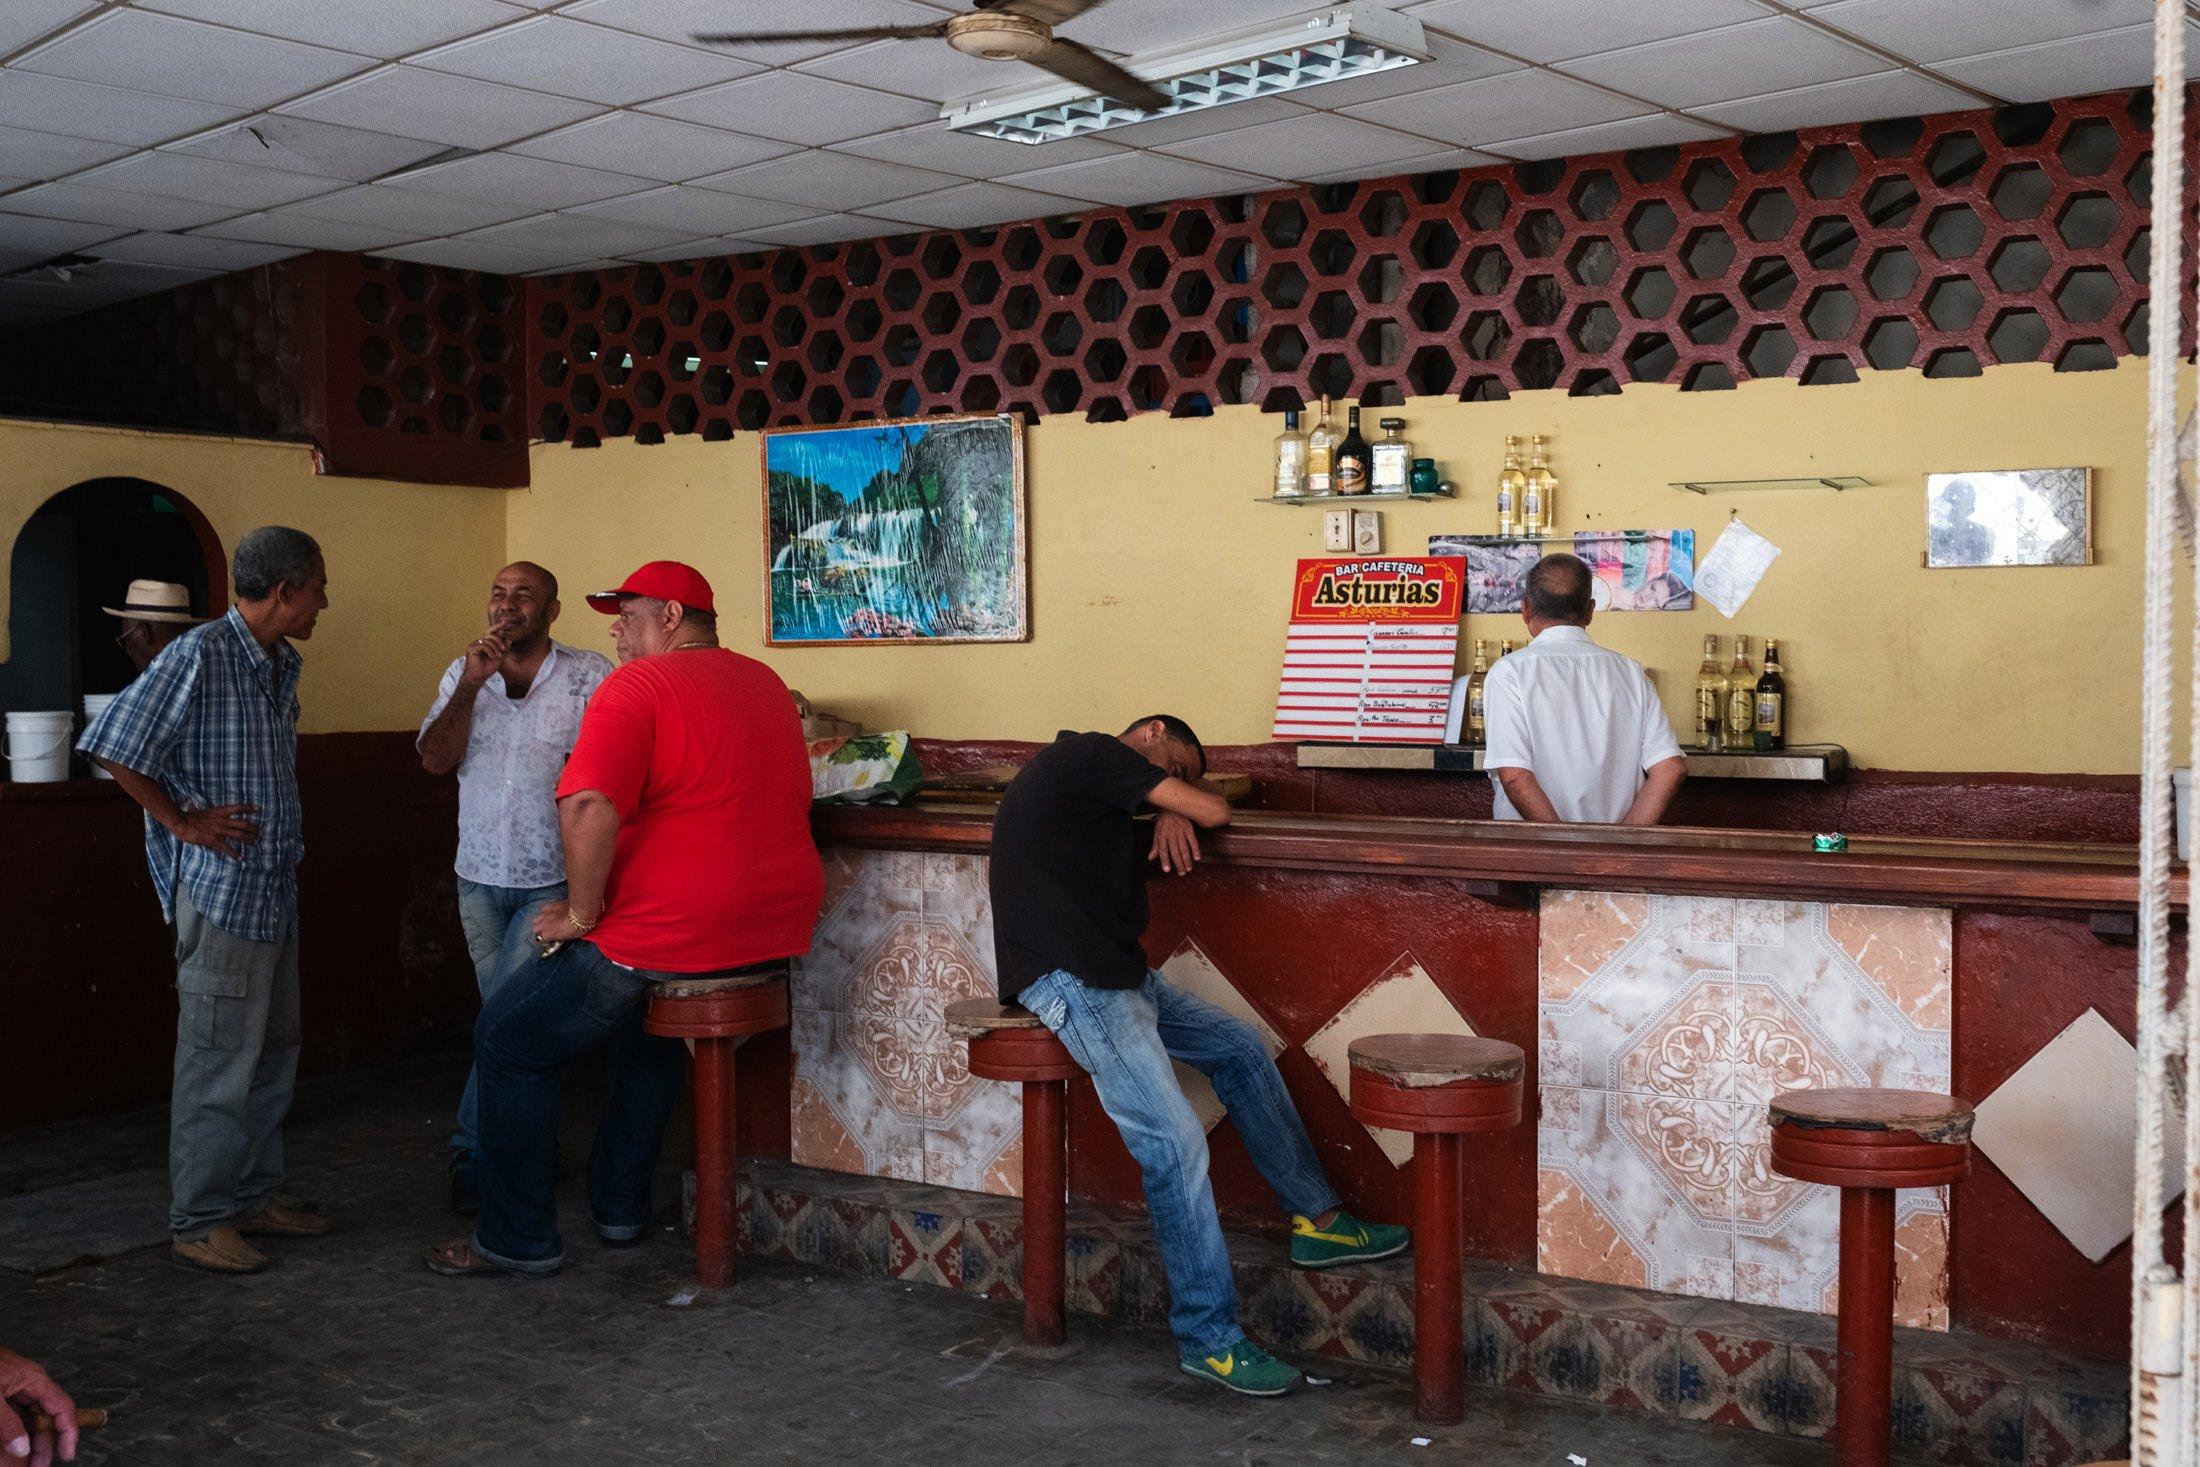 man slumped on a bar in Havana, Cuba